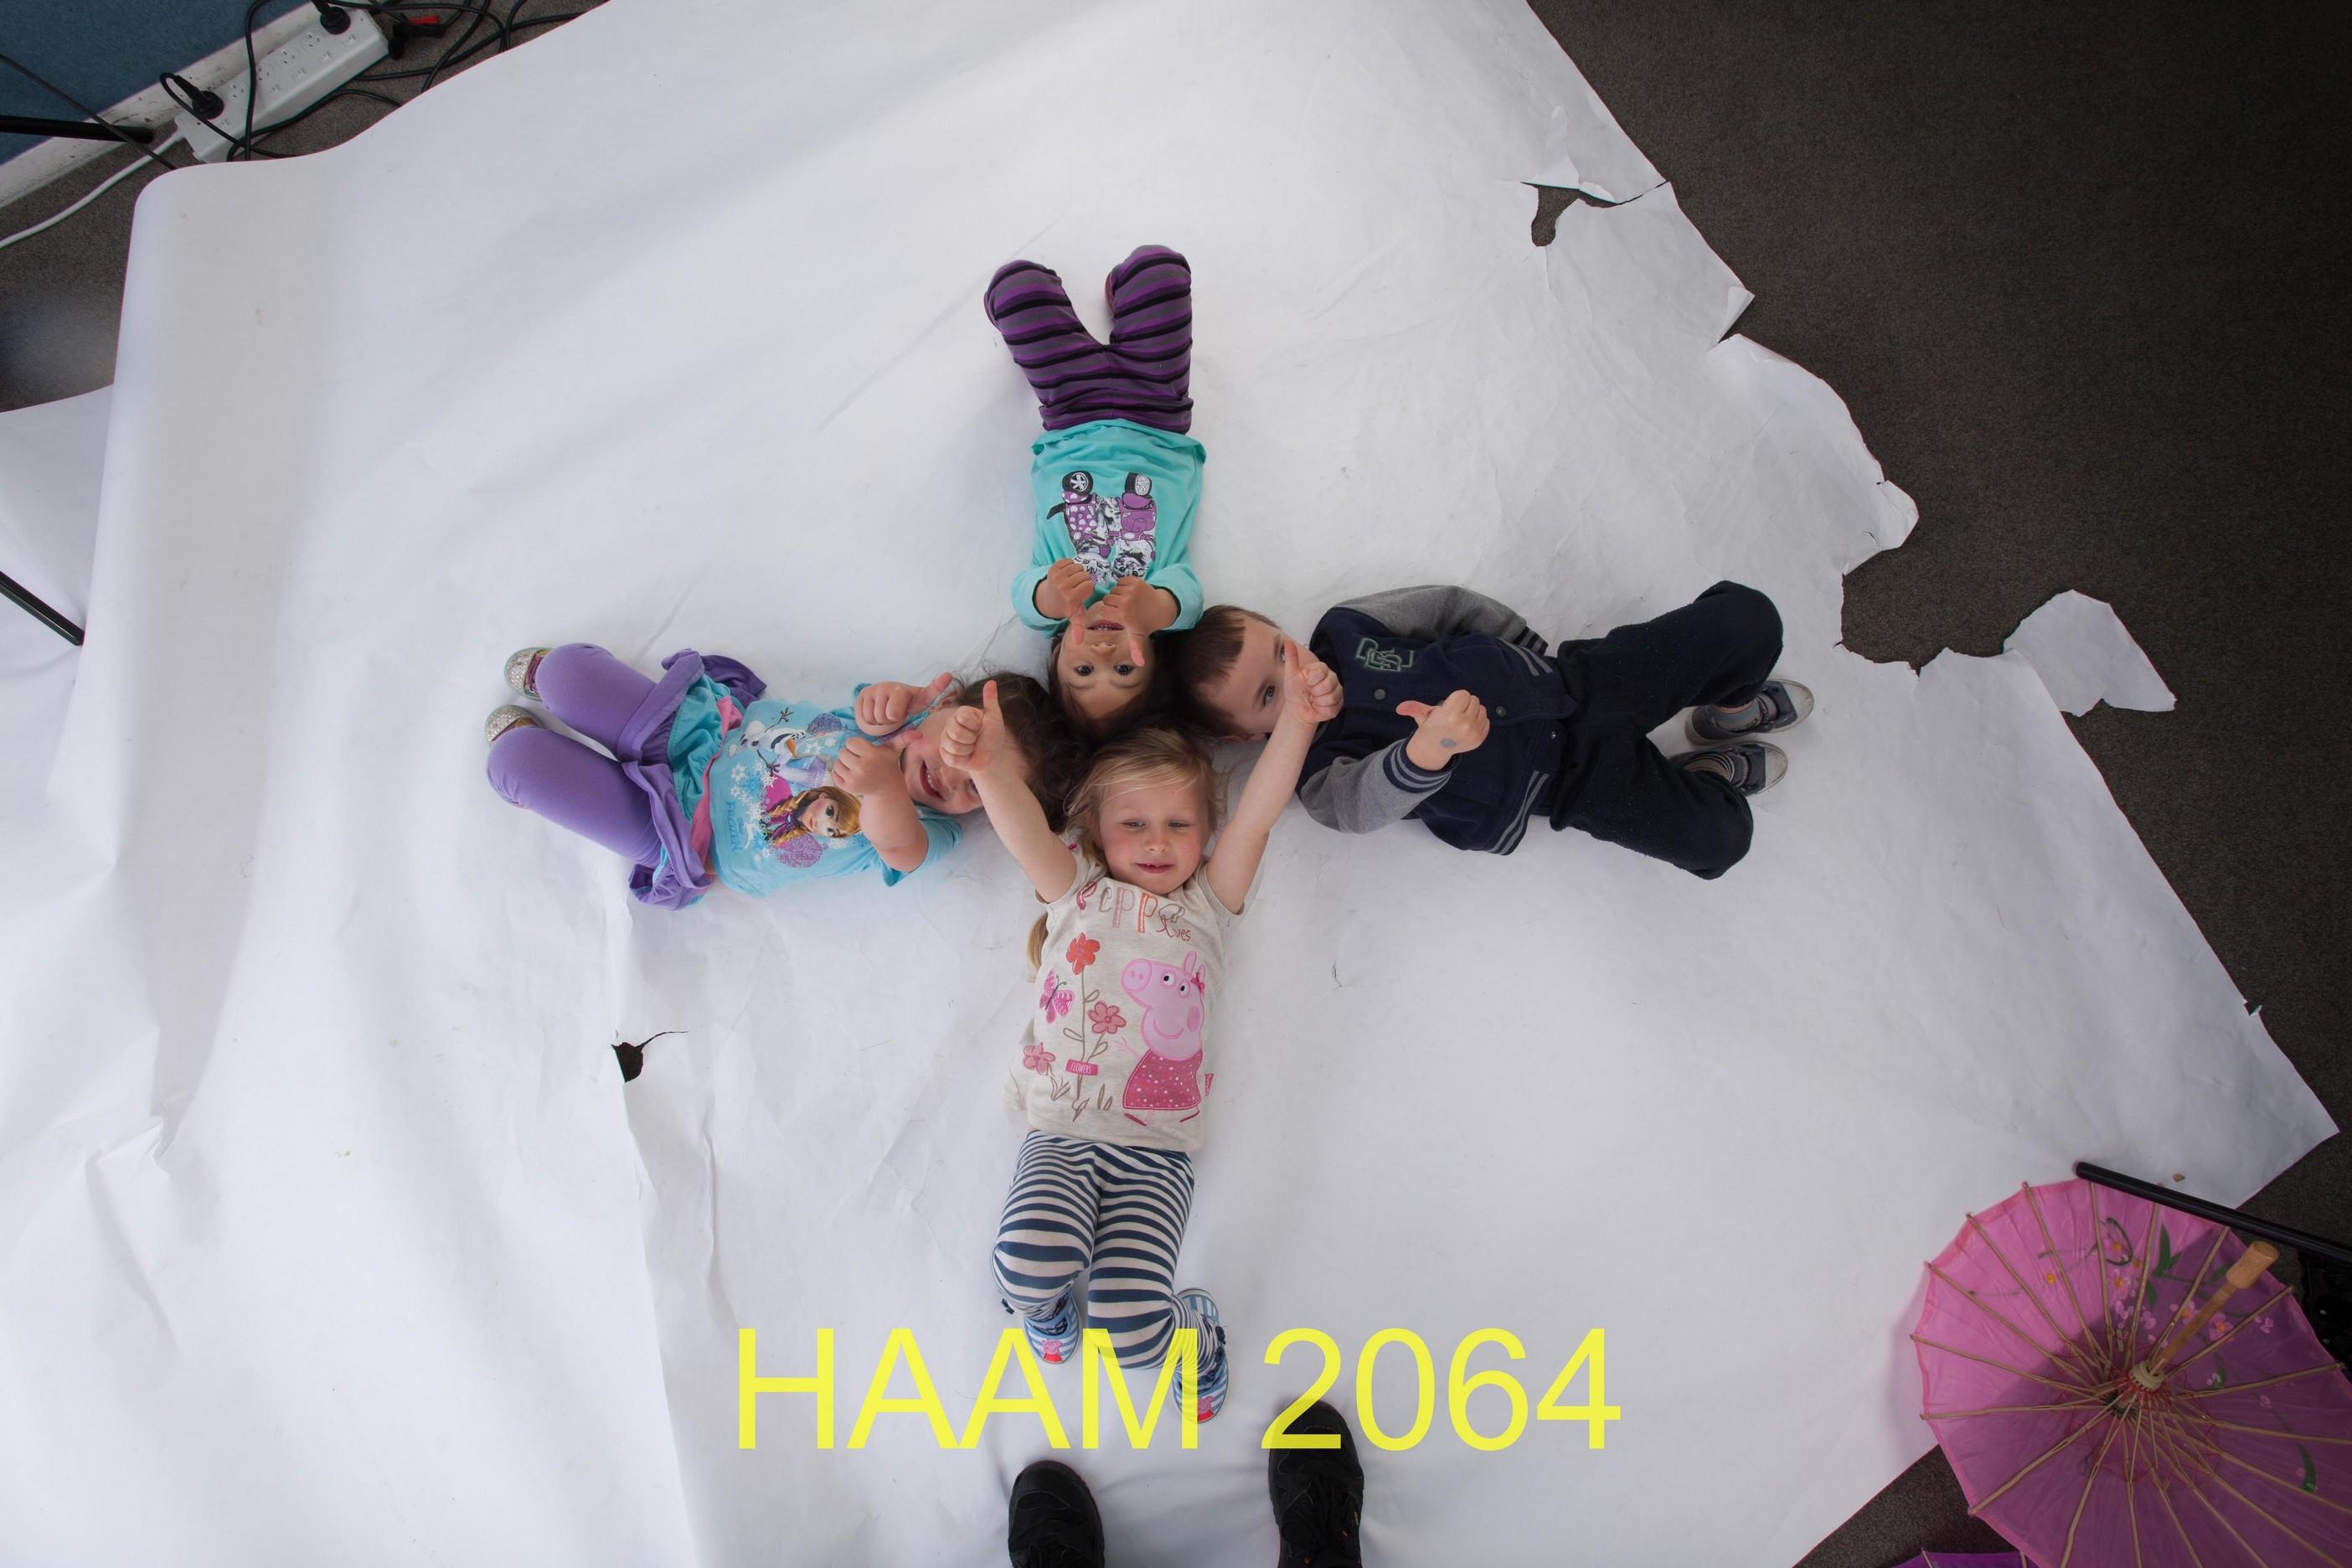 HAAM 2064